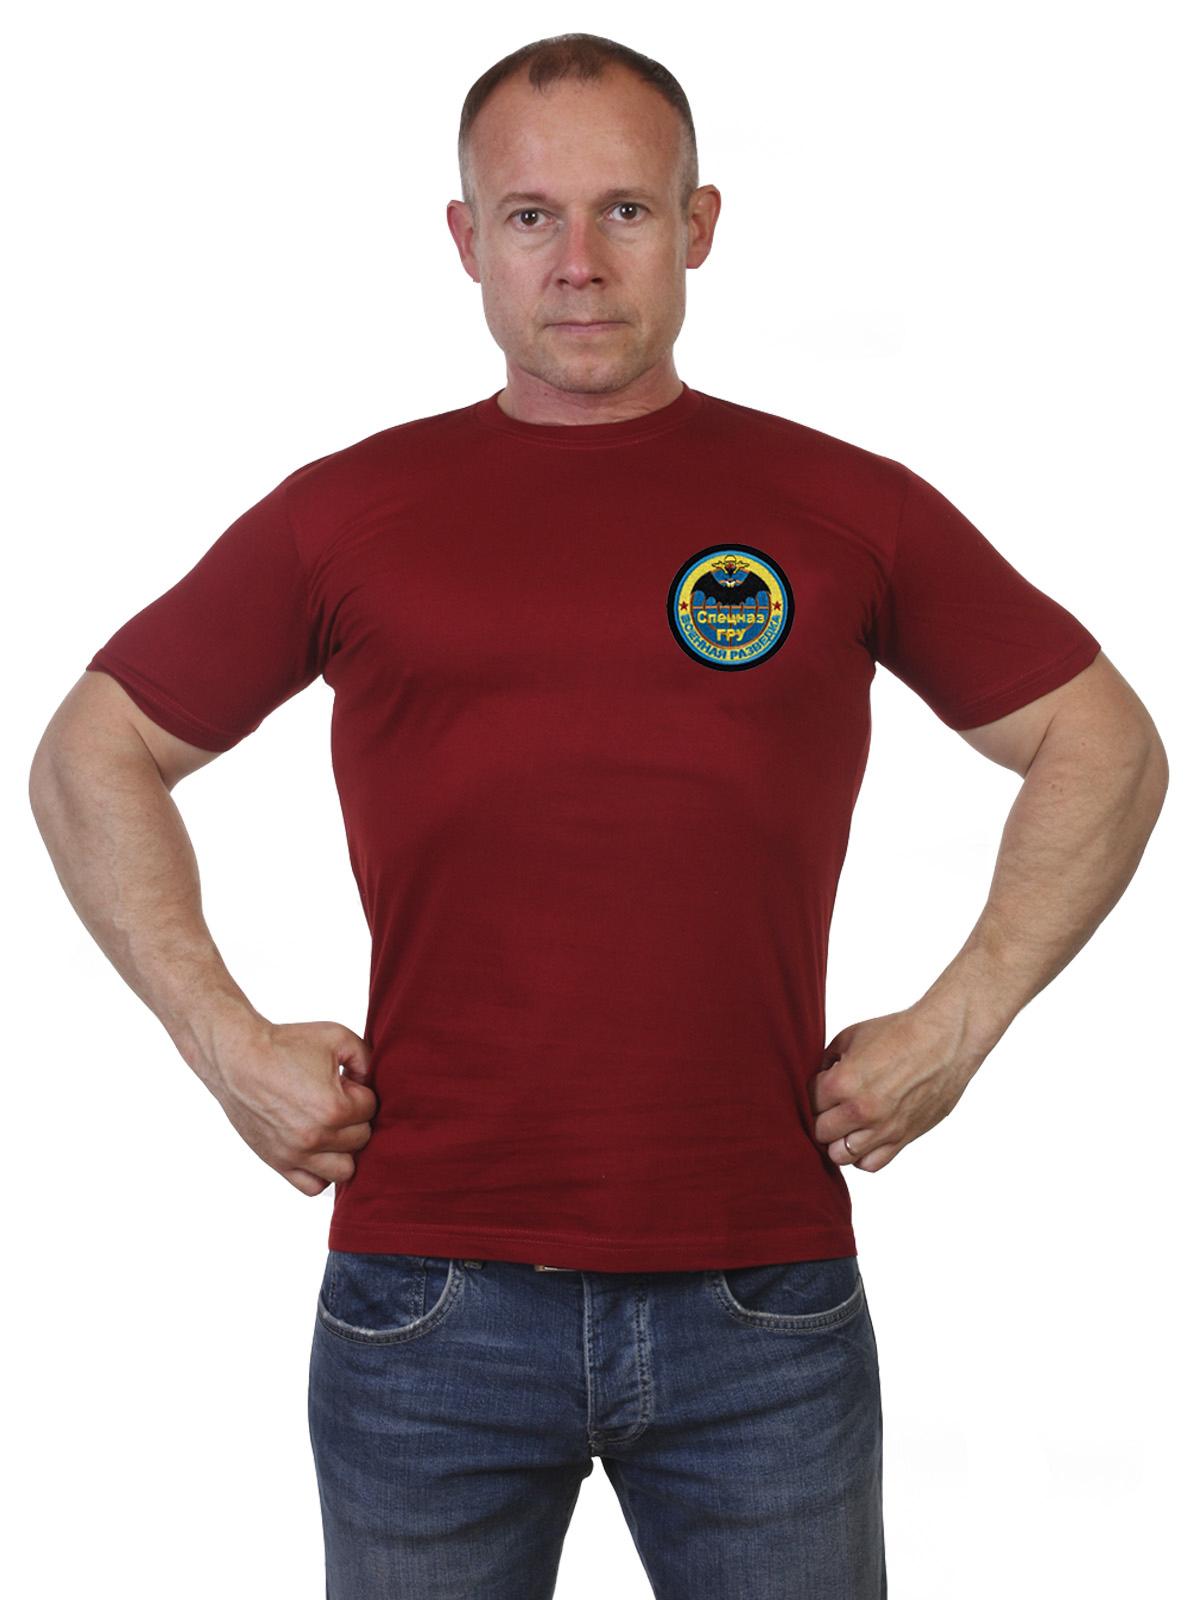 Футболка с вышивкой Спецназ ГРУ Военная разведка